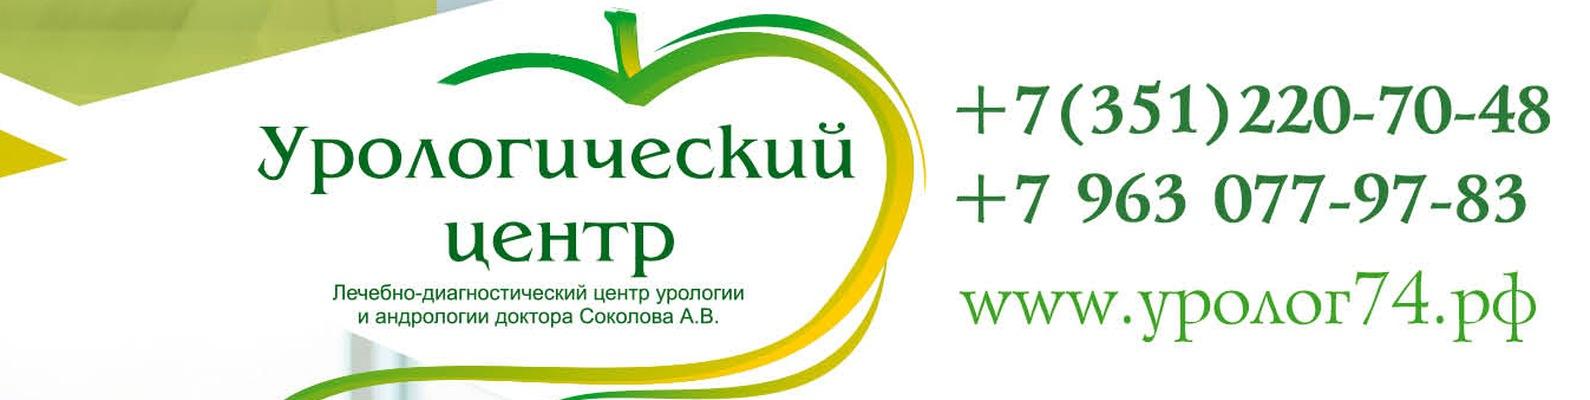 Урологический центр ДОКТОРА СОКОЛОВА А.В. на Тагильской